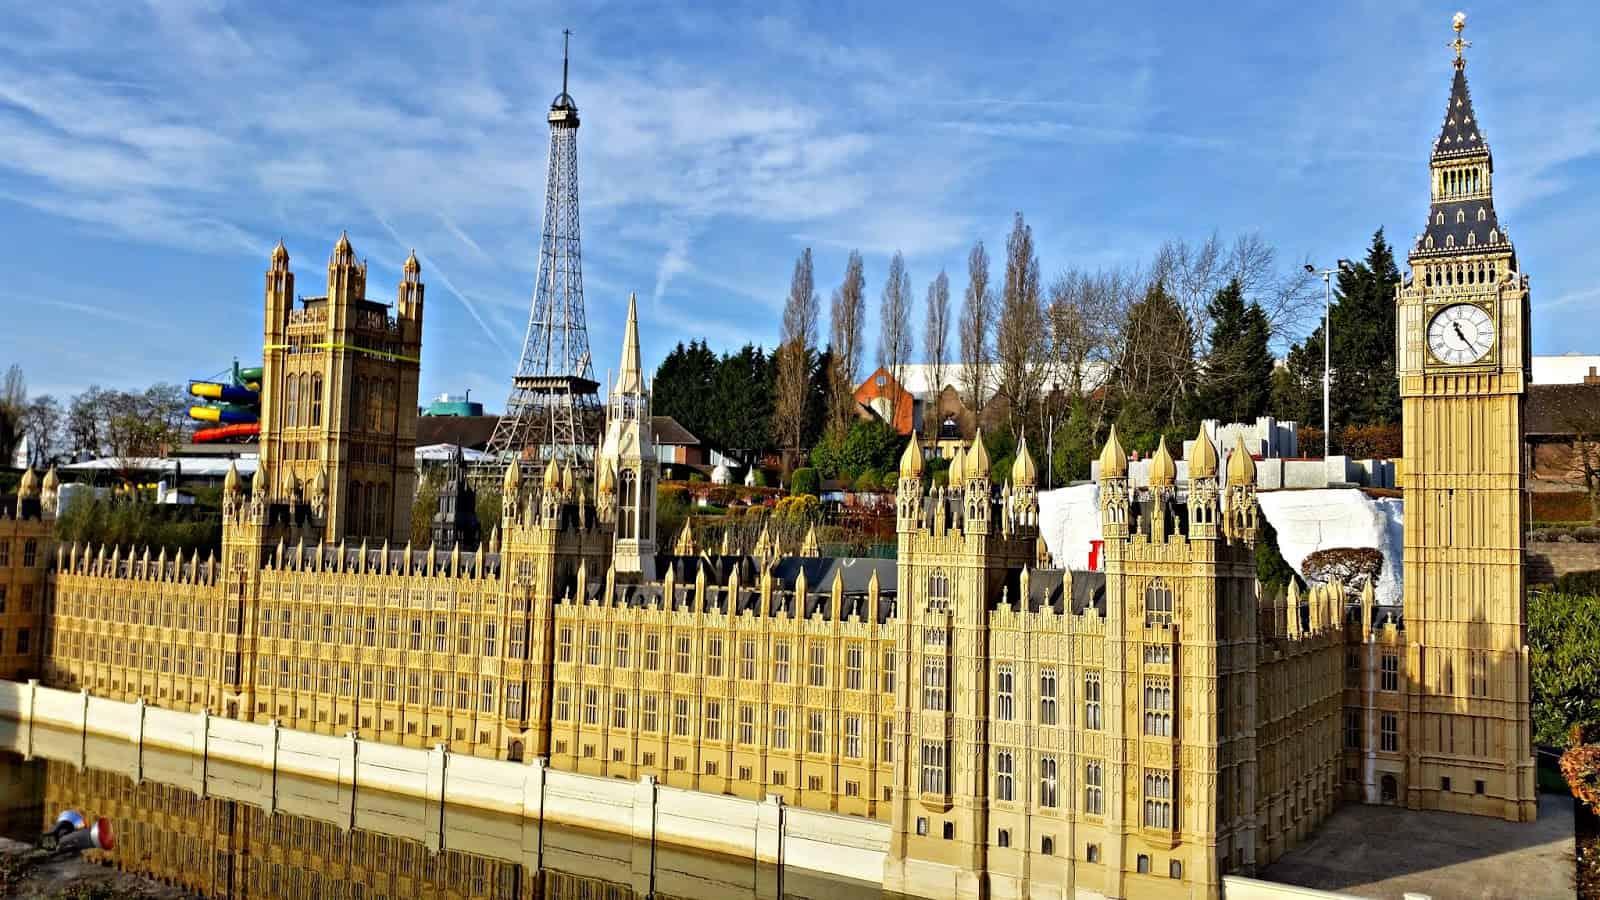 Visita imprescindible en Bruselas si vas con tus hijos; Europa en Miniatura Bélgica